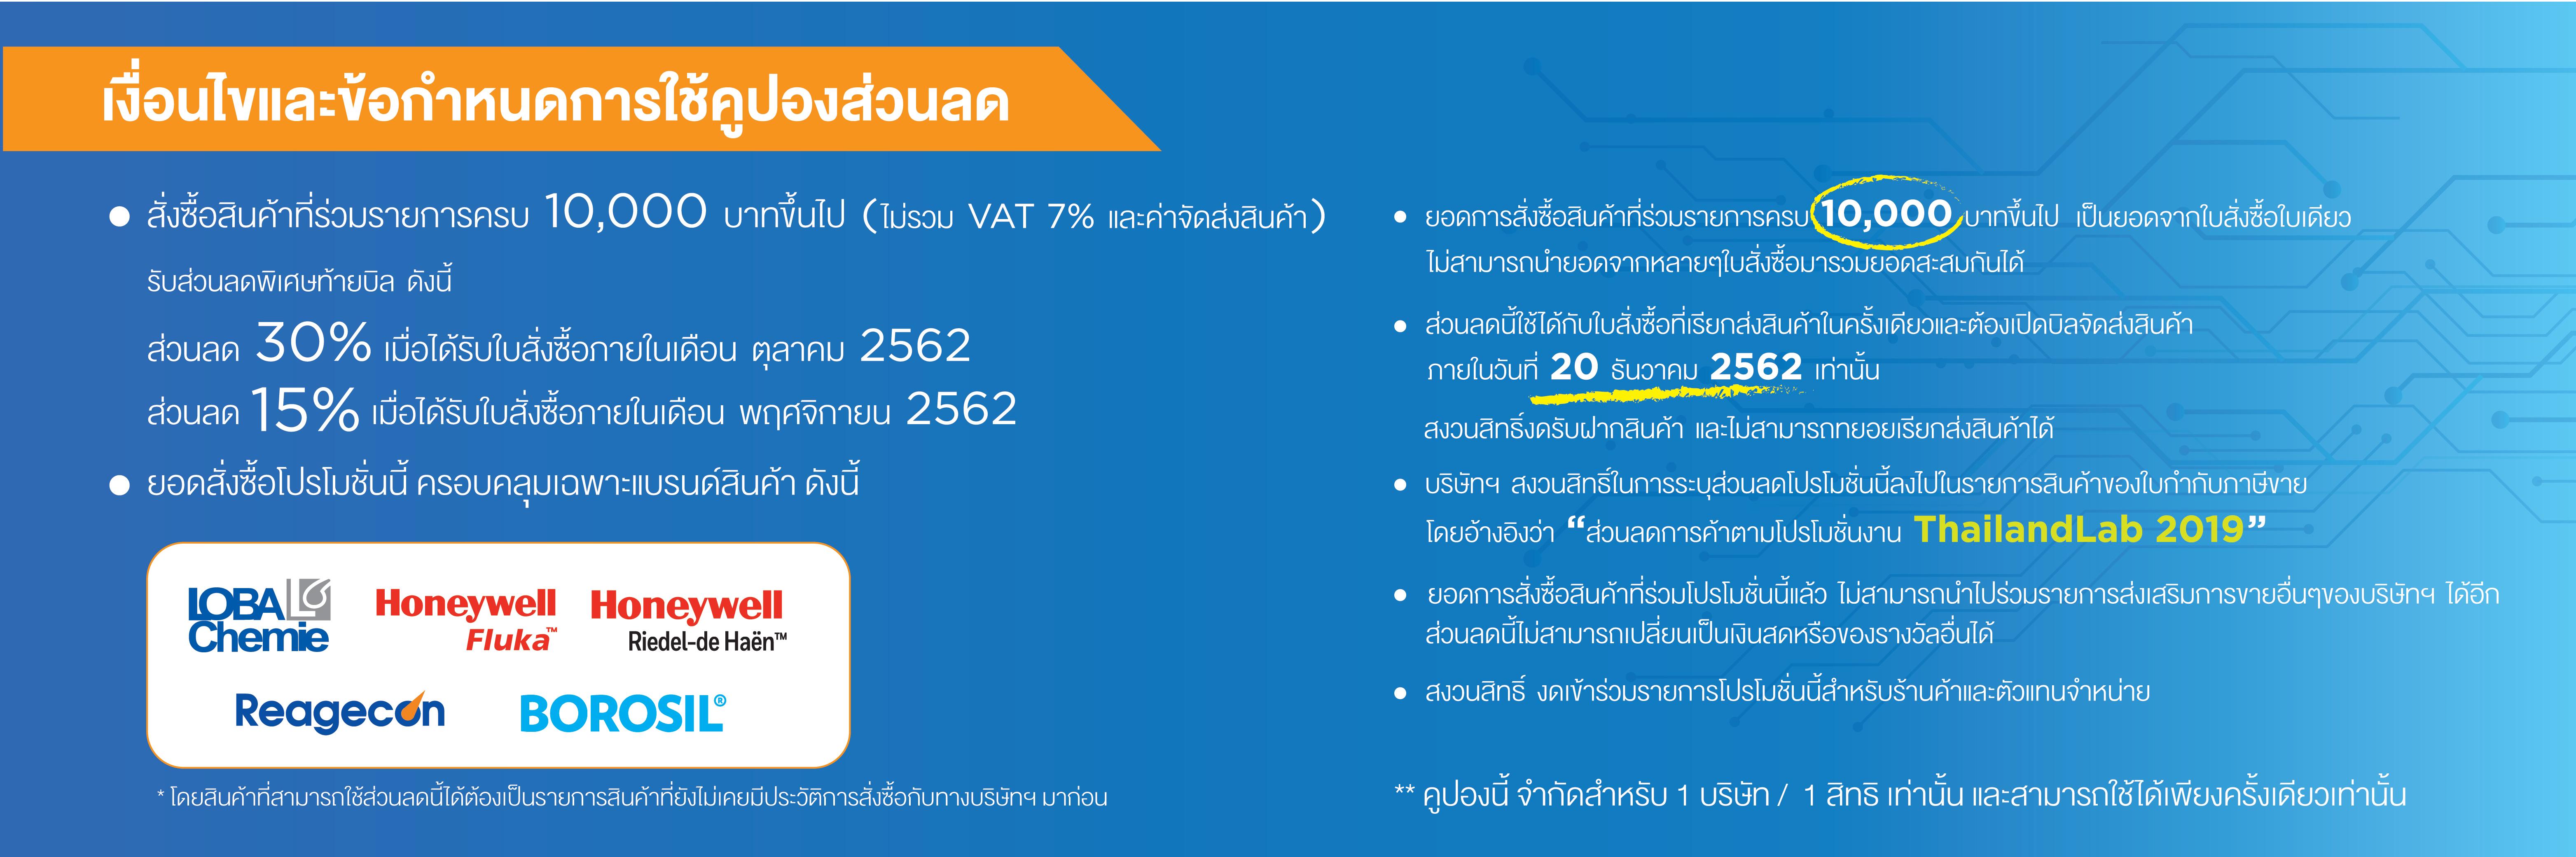 เงื่อนไขและข้อกำหนดการใช้คูปองส่วนลดงาน ThailandLAb2019_ApexChemicals